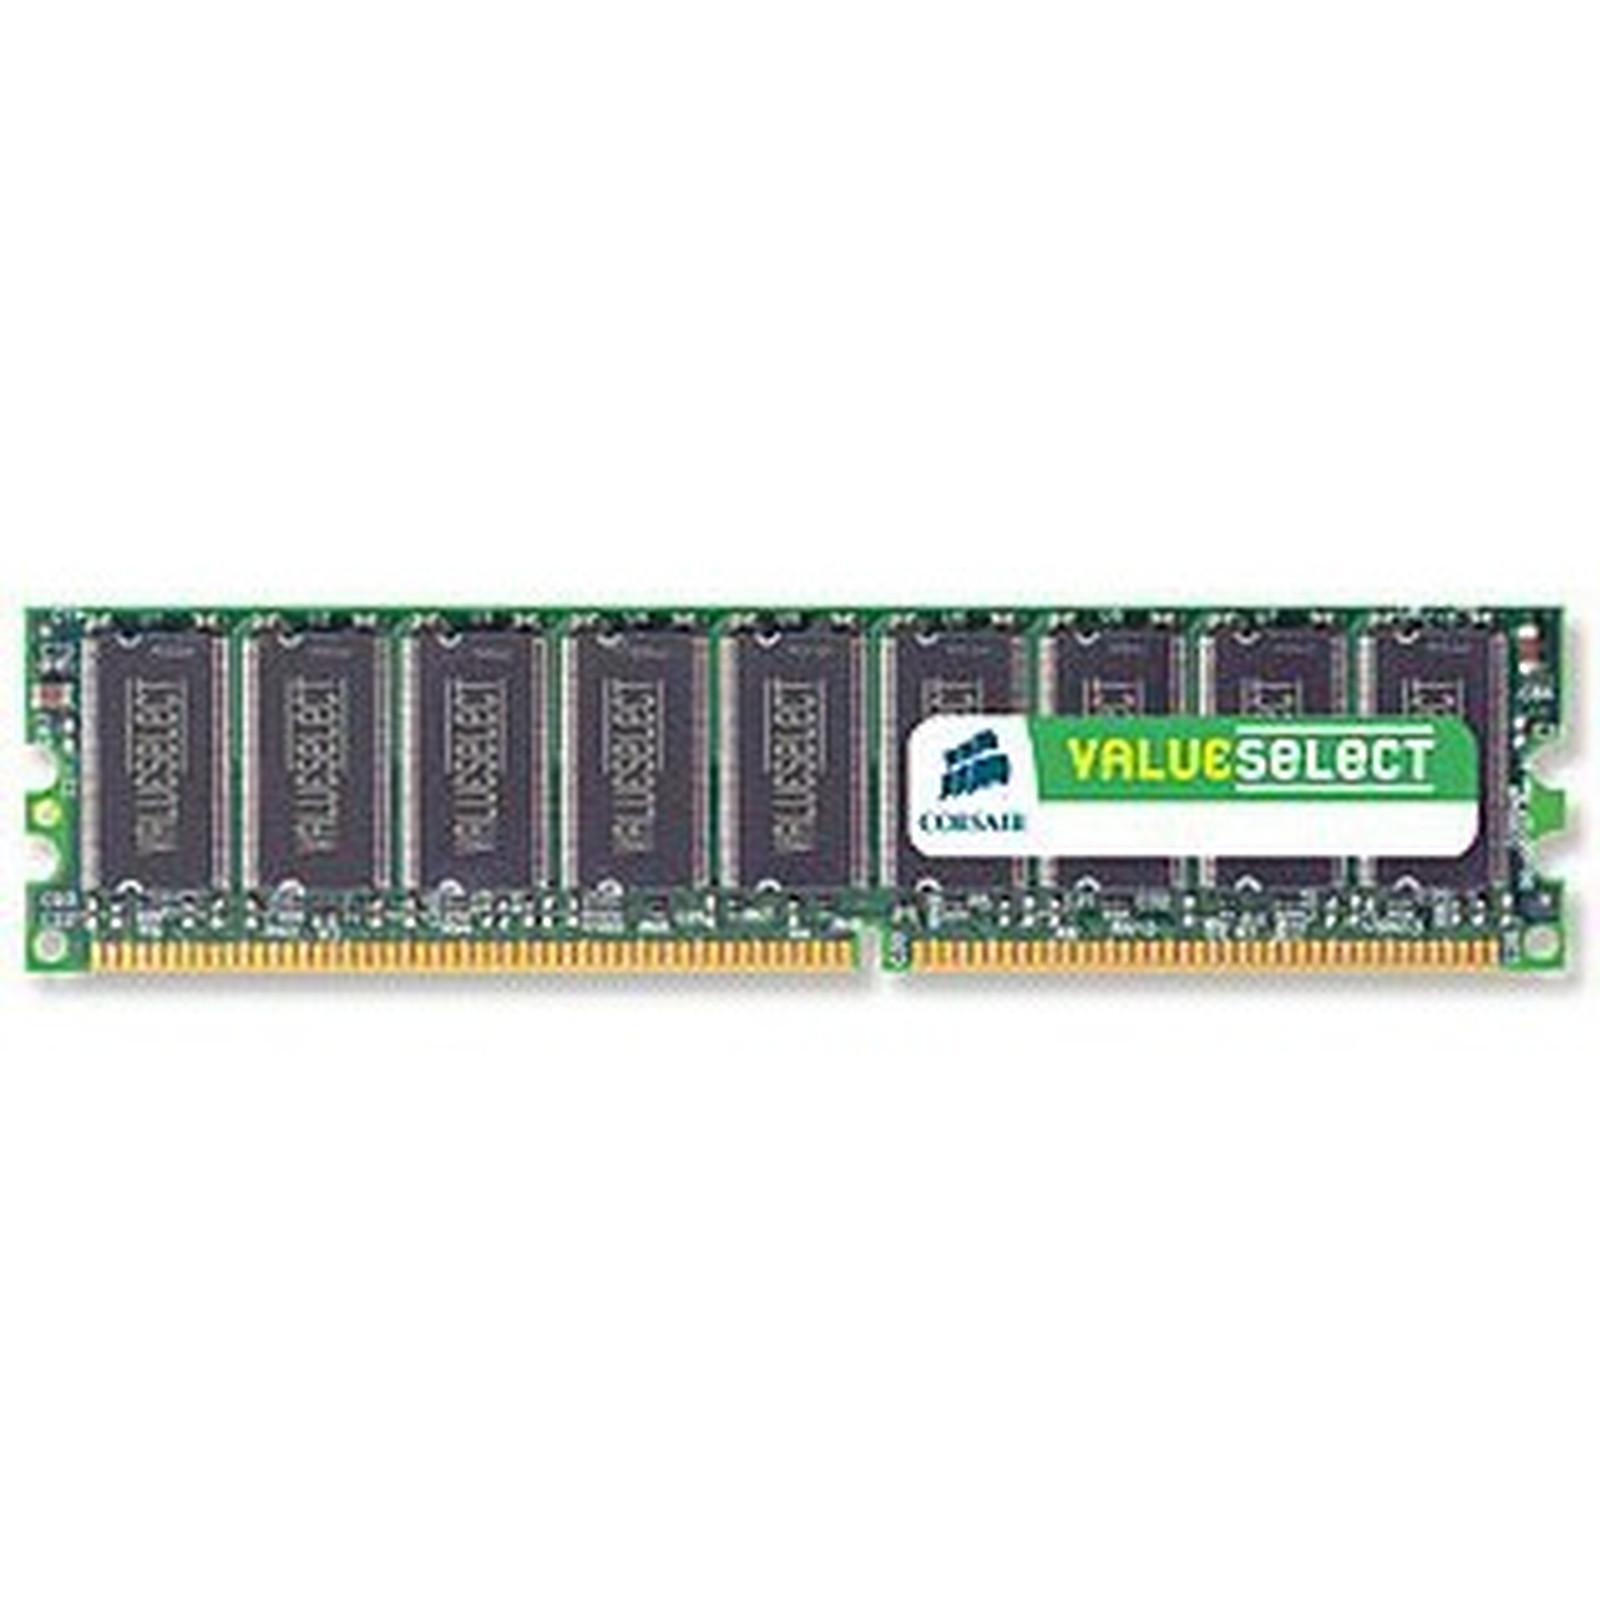 Corsair Value Select 1 Go DDR 400 MHz CL3